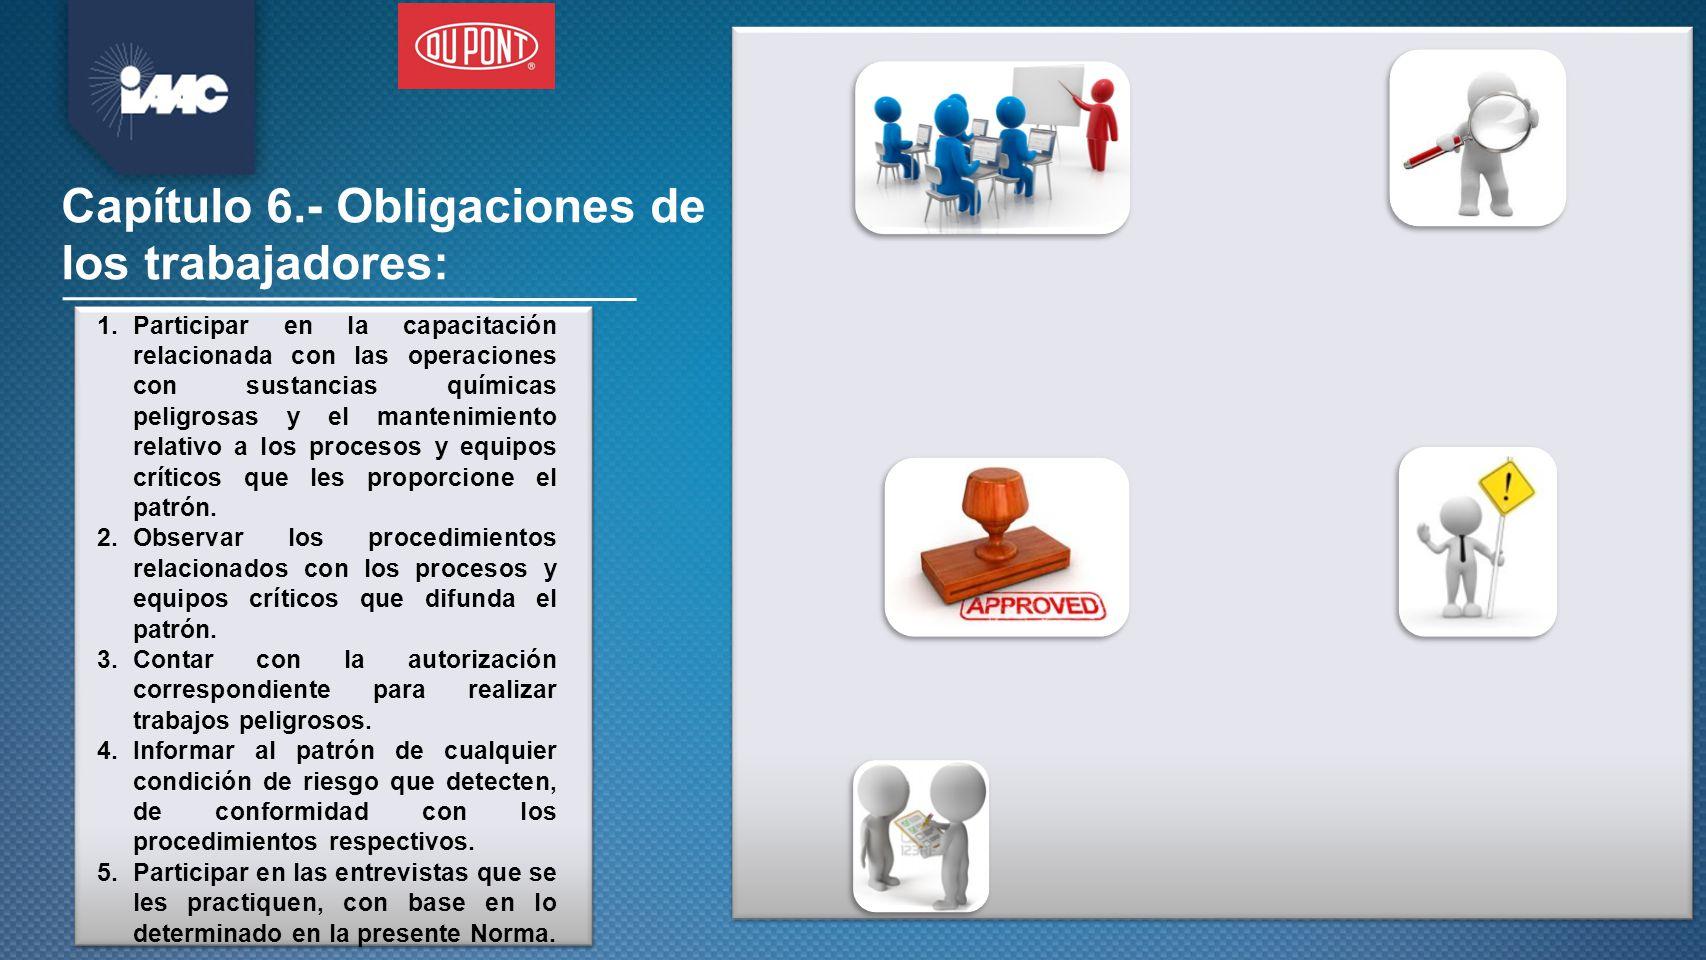 Capítulo 6.- Obligaciones de los trabajadores: